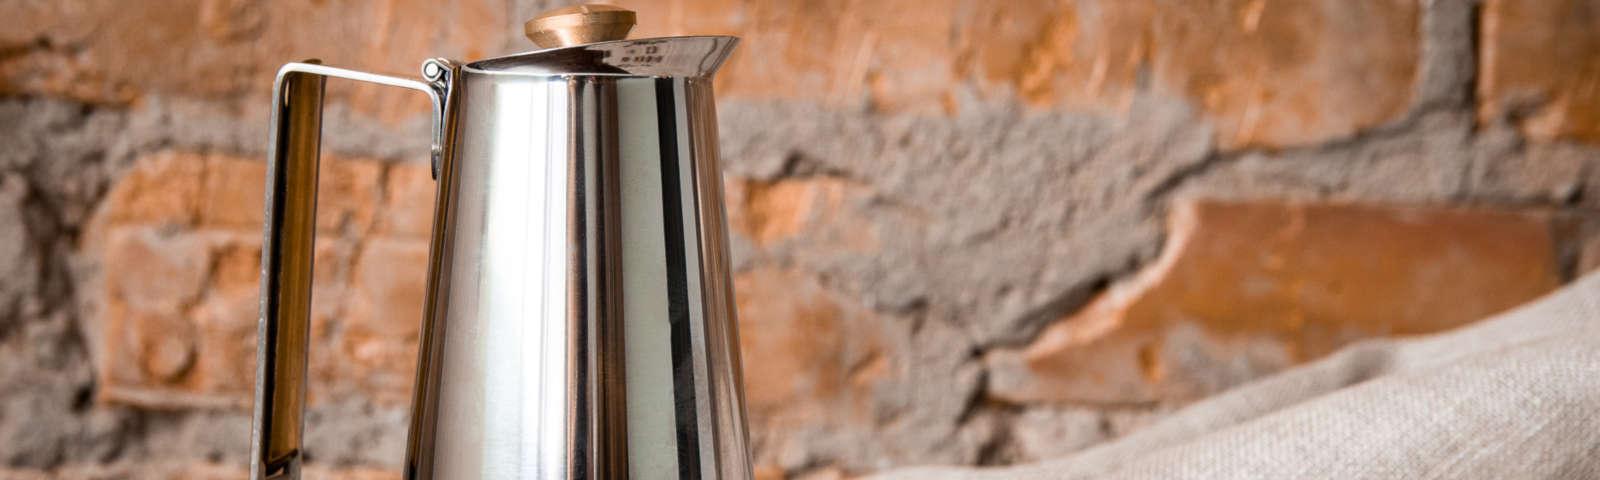 гейзерная кофеварка из нержавеющей стали фото